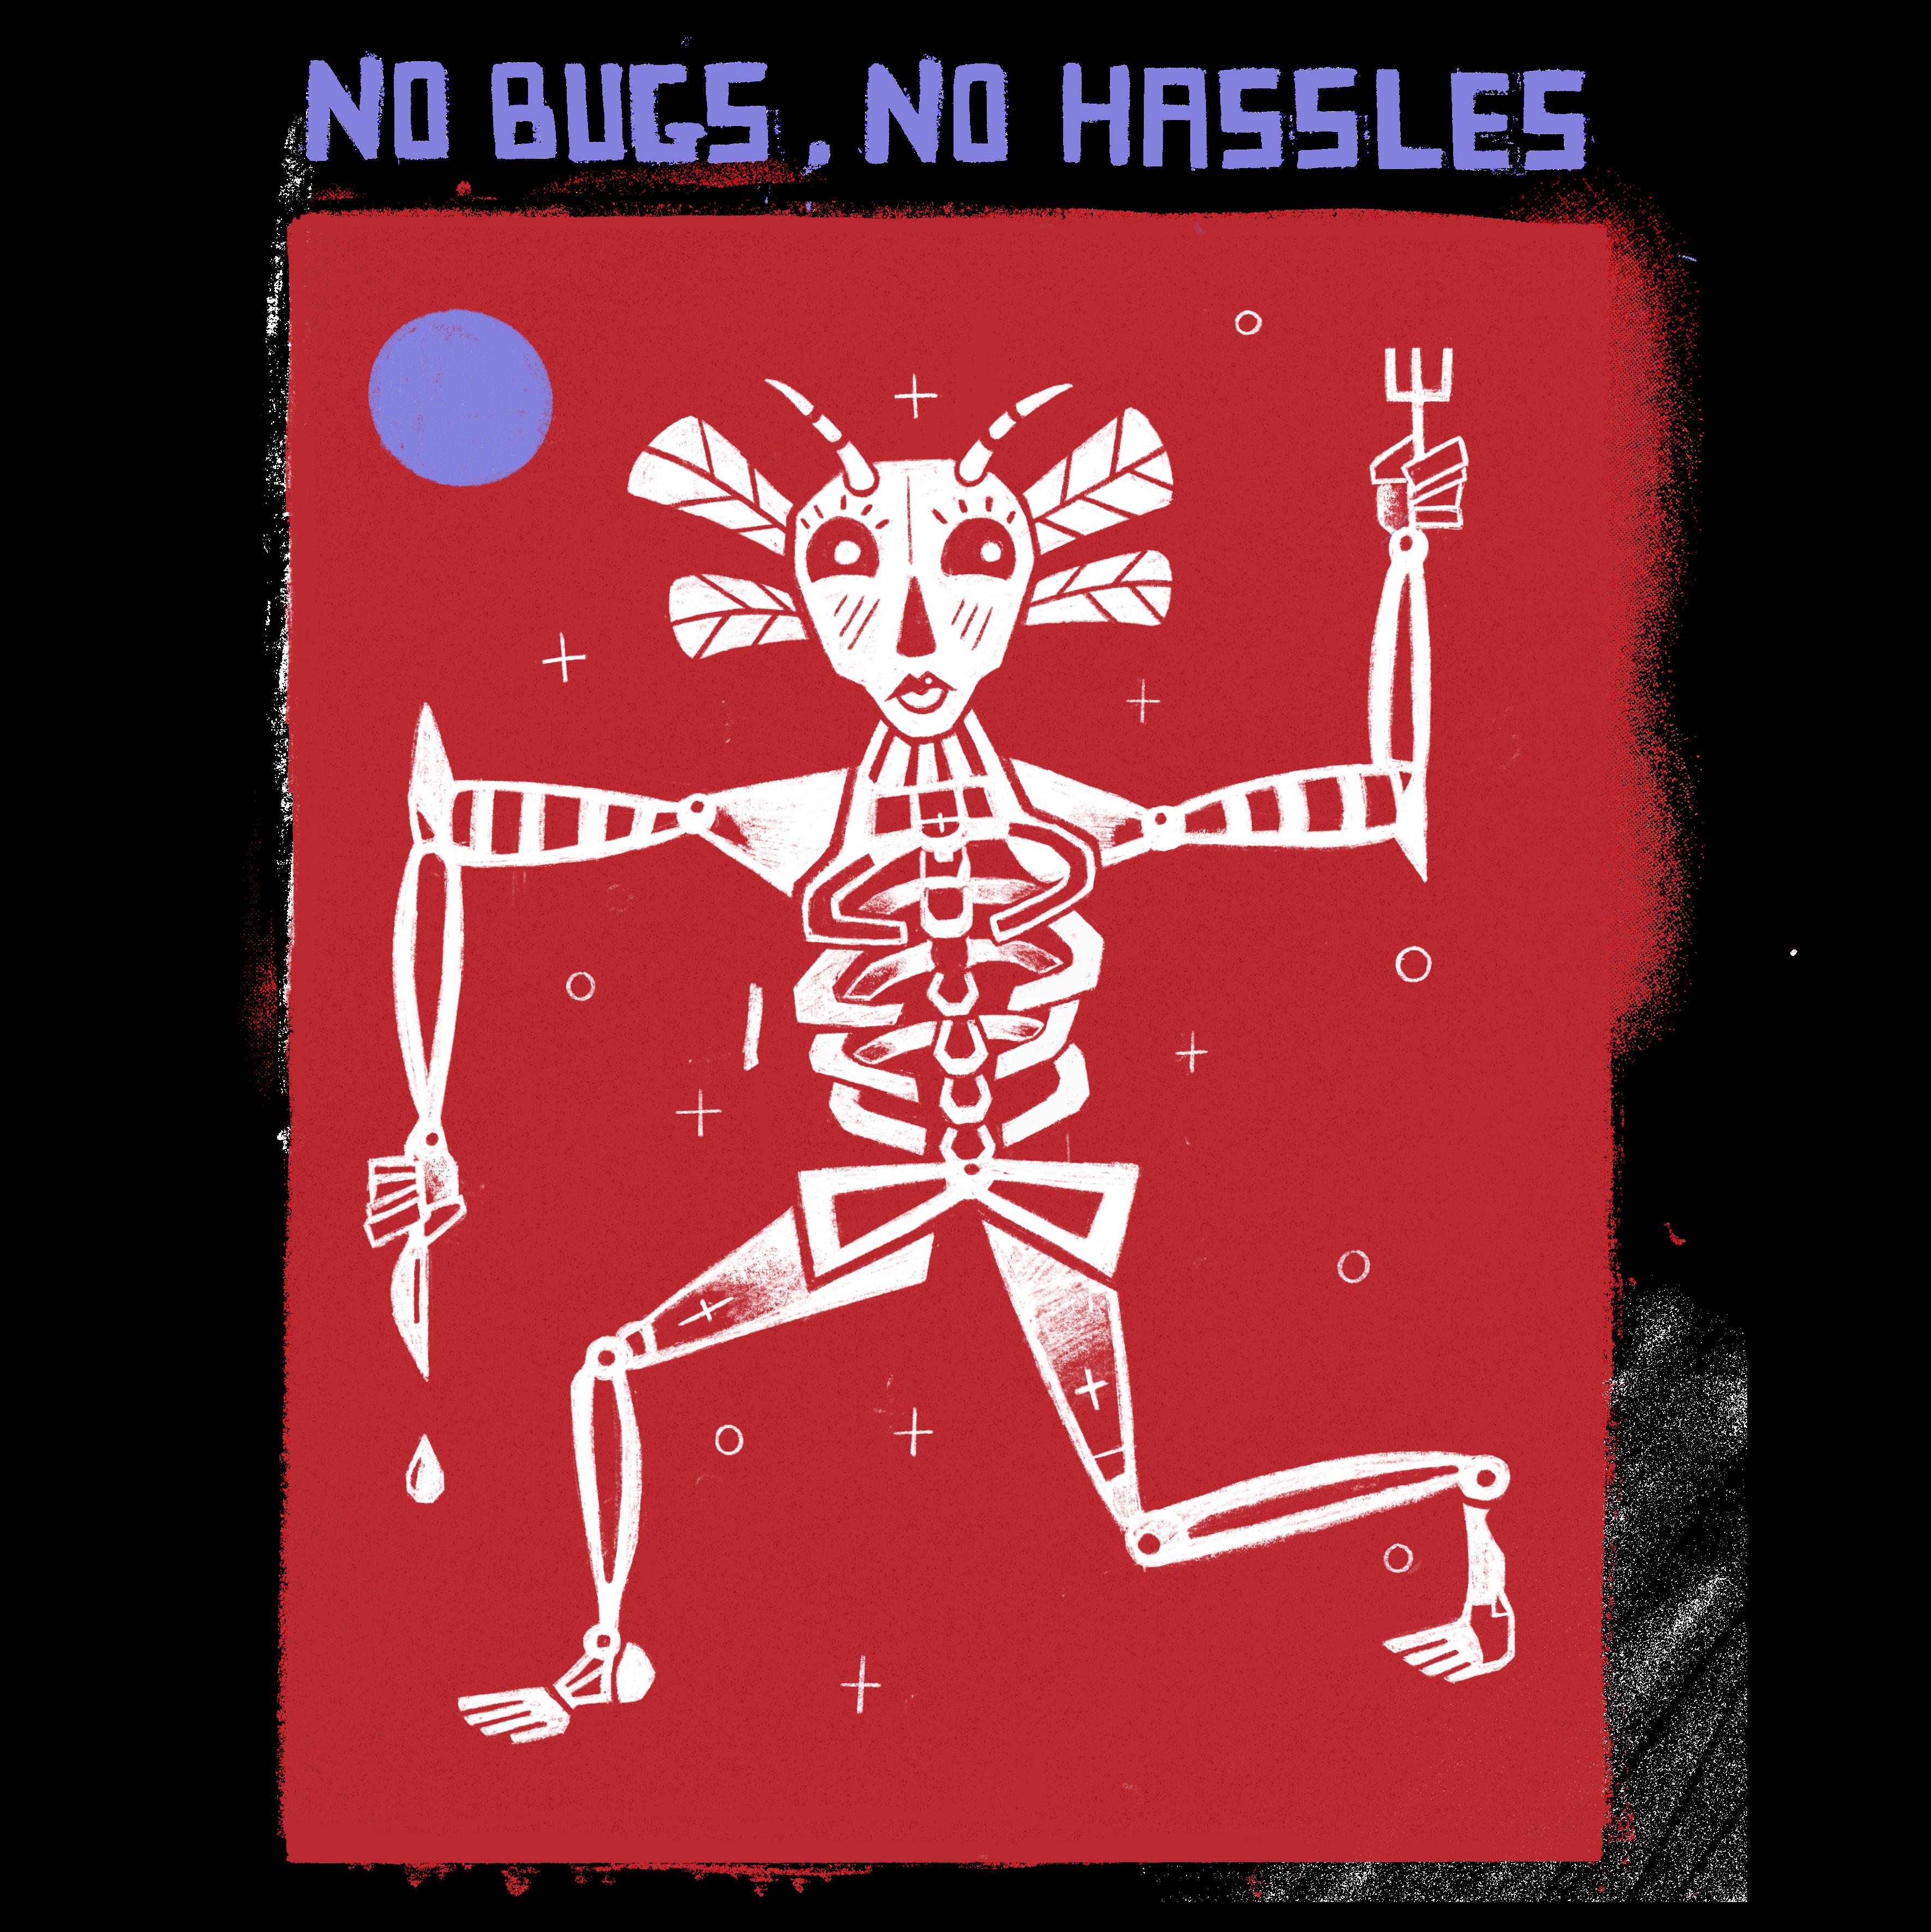 No bugs. No hassles